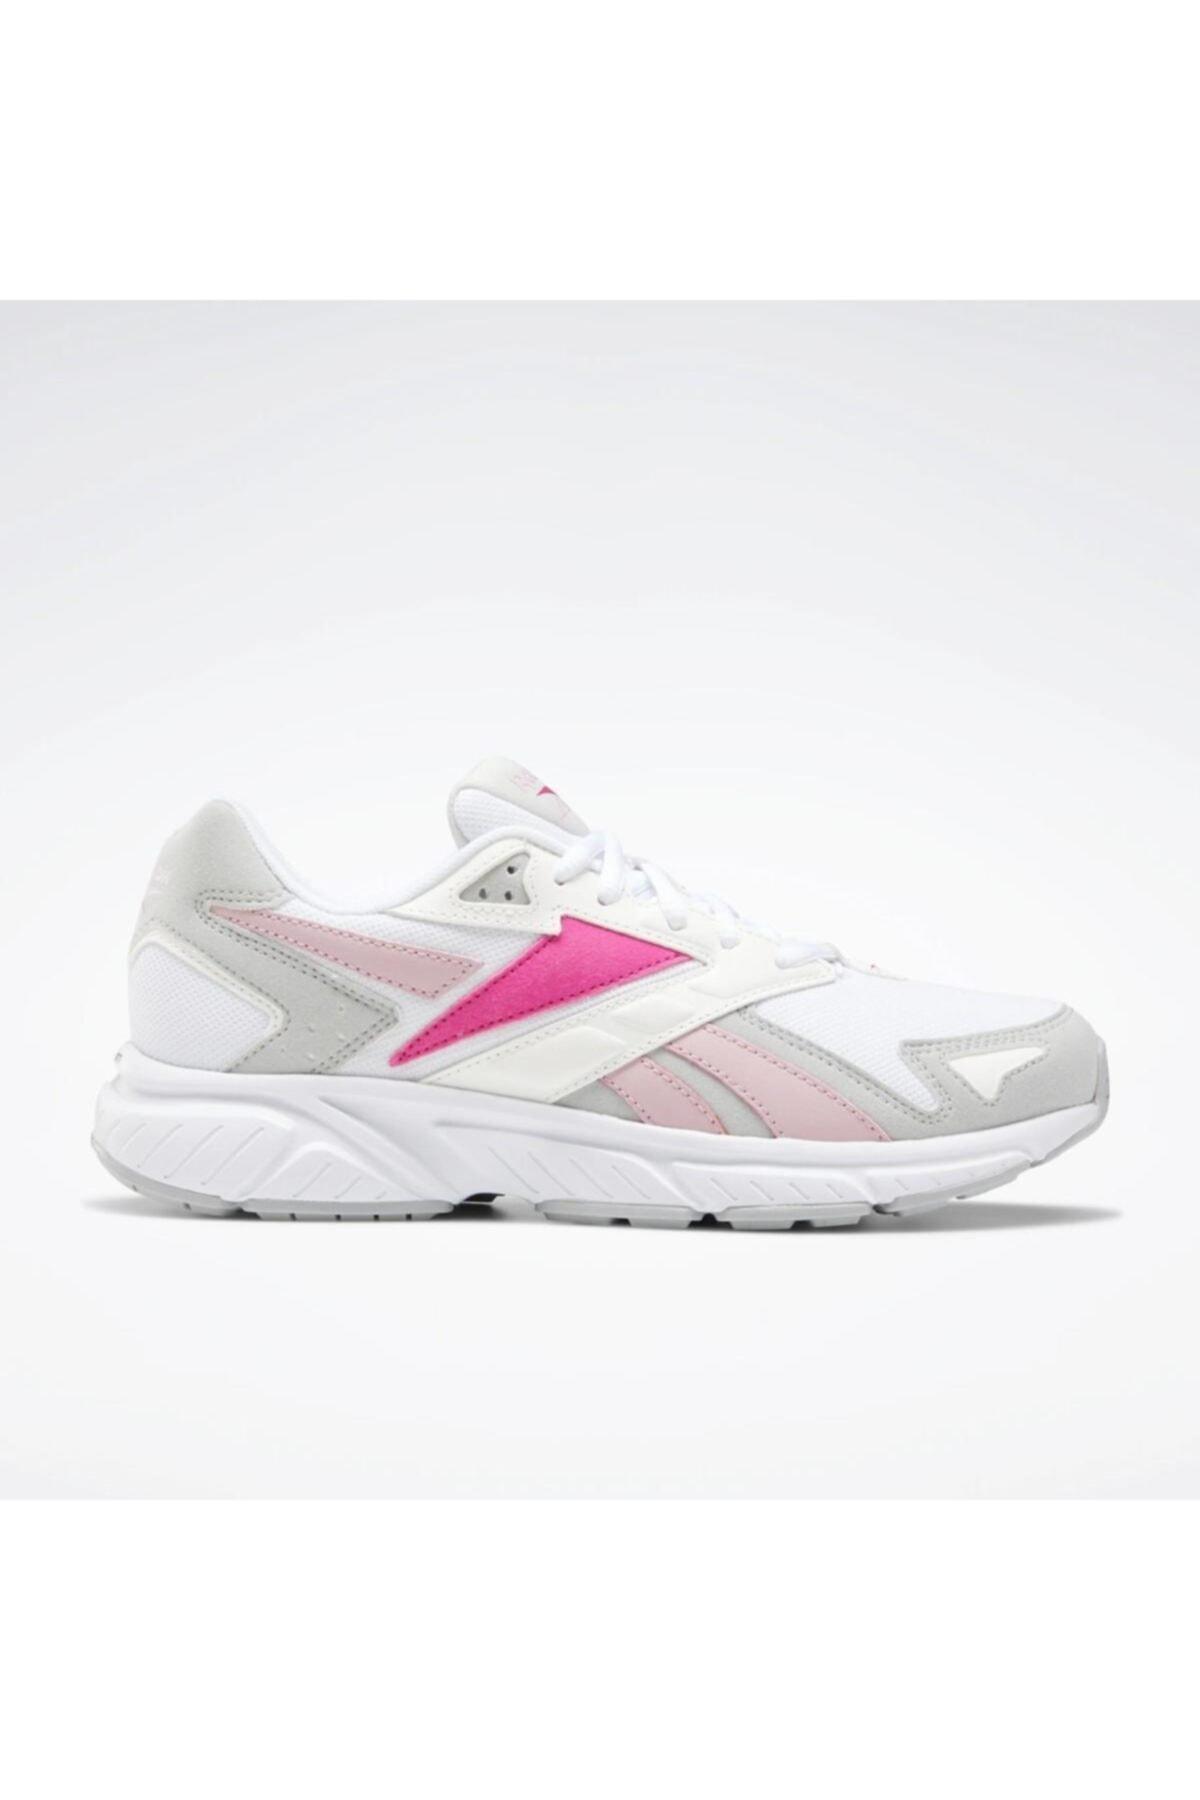 Reebok ROYAL HYPERIUM Gri Kadın Sneaker Ayakkabı 100664861 1